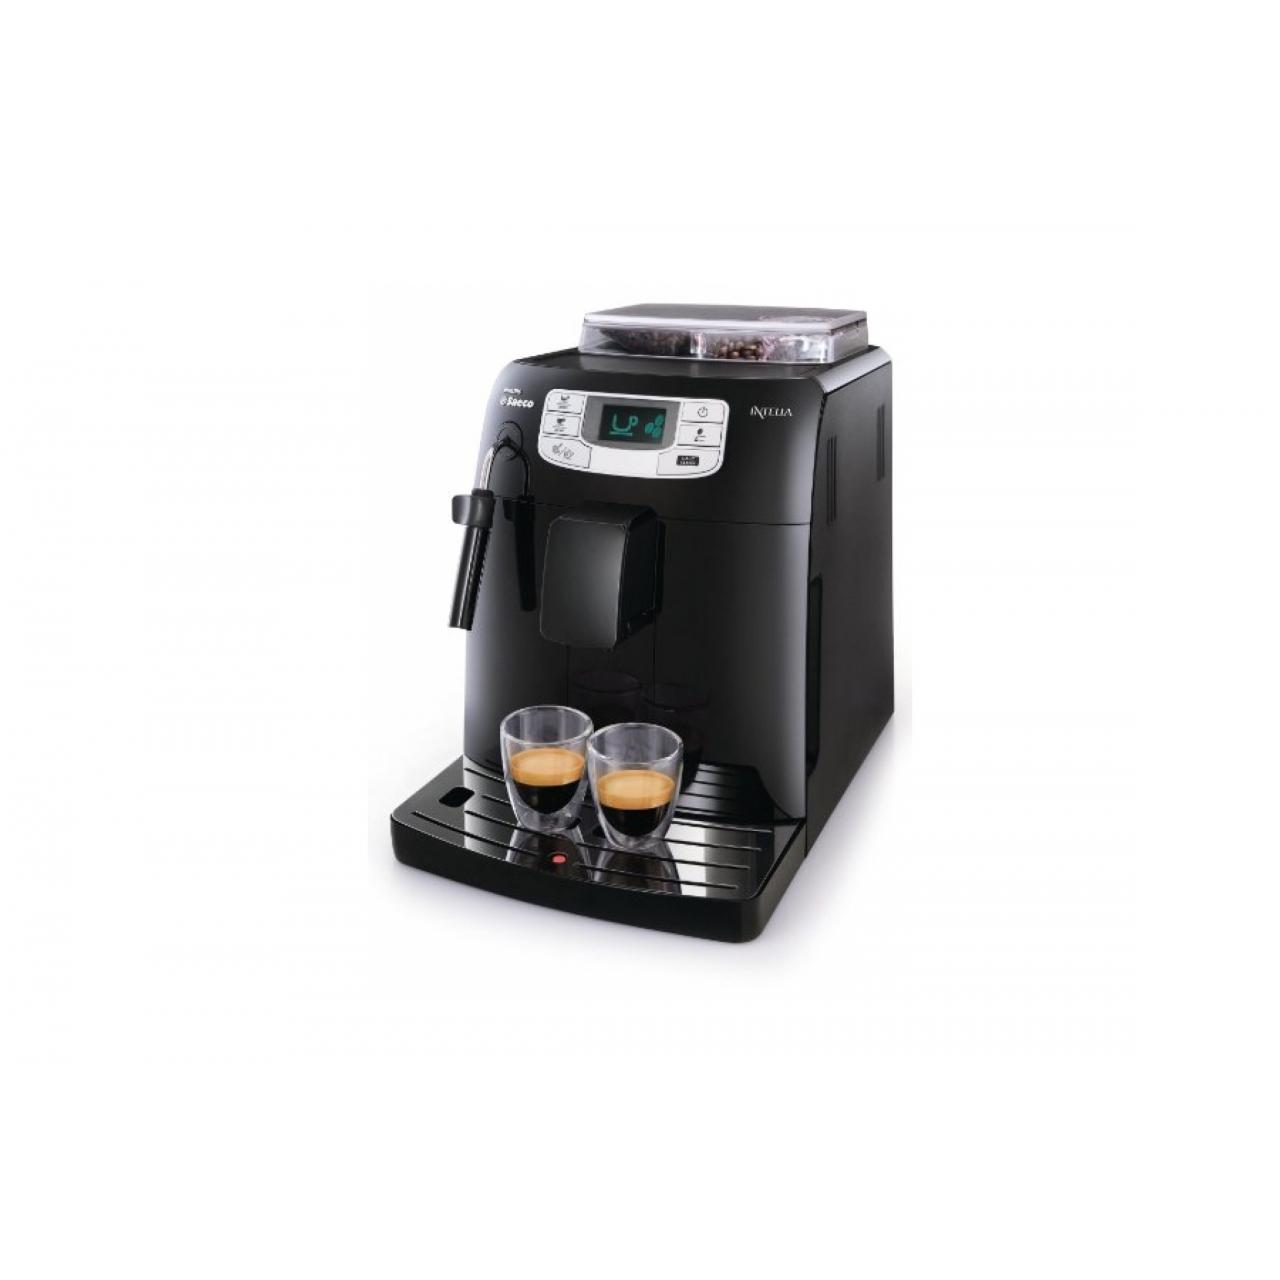 kaffeevollautomat test die besten kaffeevollautomaten 2017 im vergleich. Black Bedroom Furniture Sets. Home Design Ideas